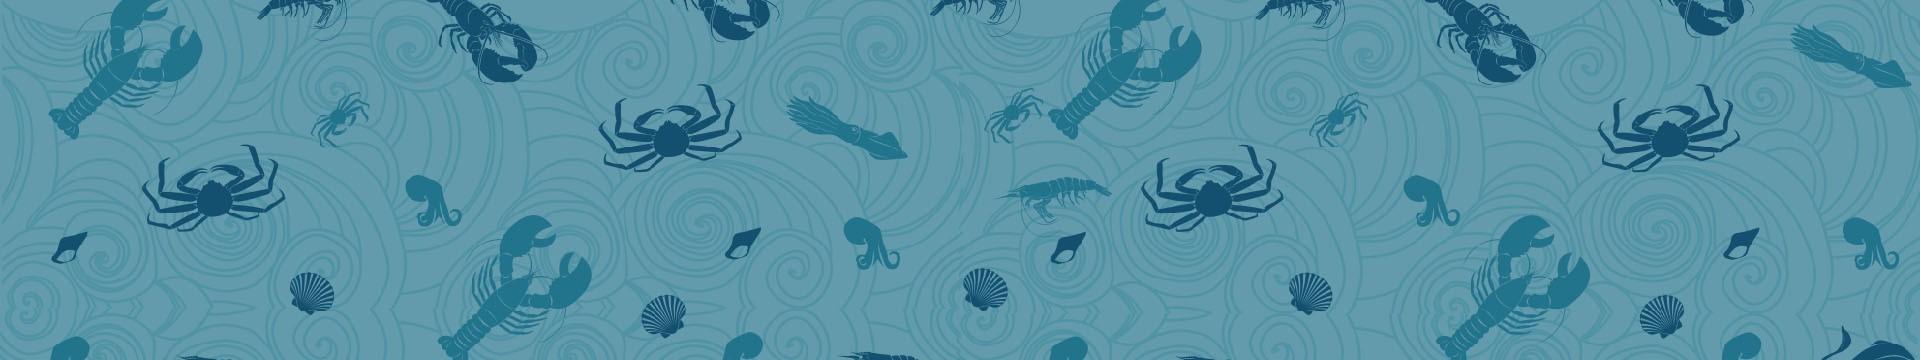 Crustáceos